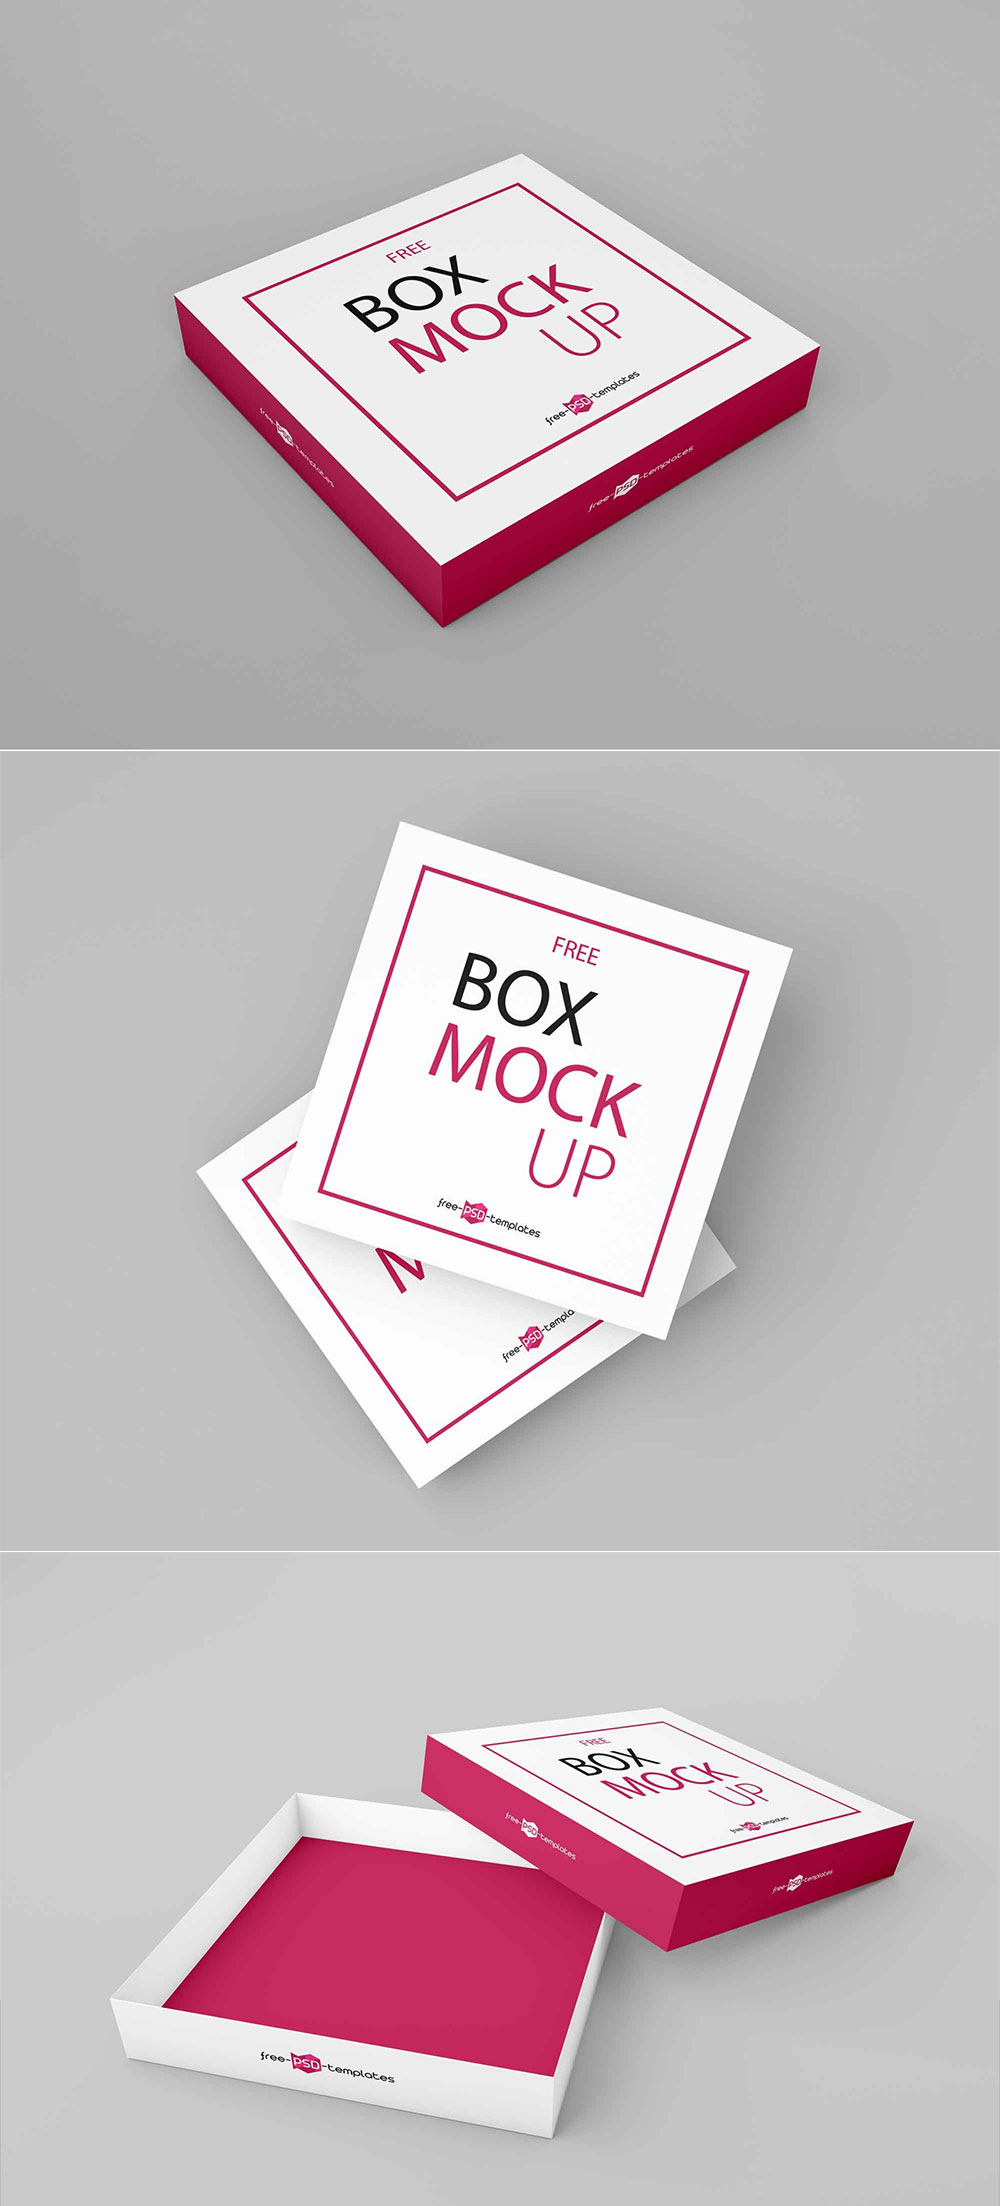 Download Free Square Box Mockup 2020 - Daily Mockup